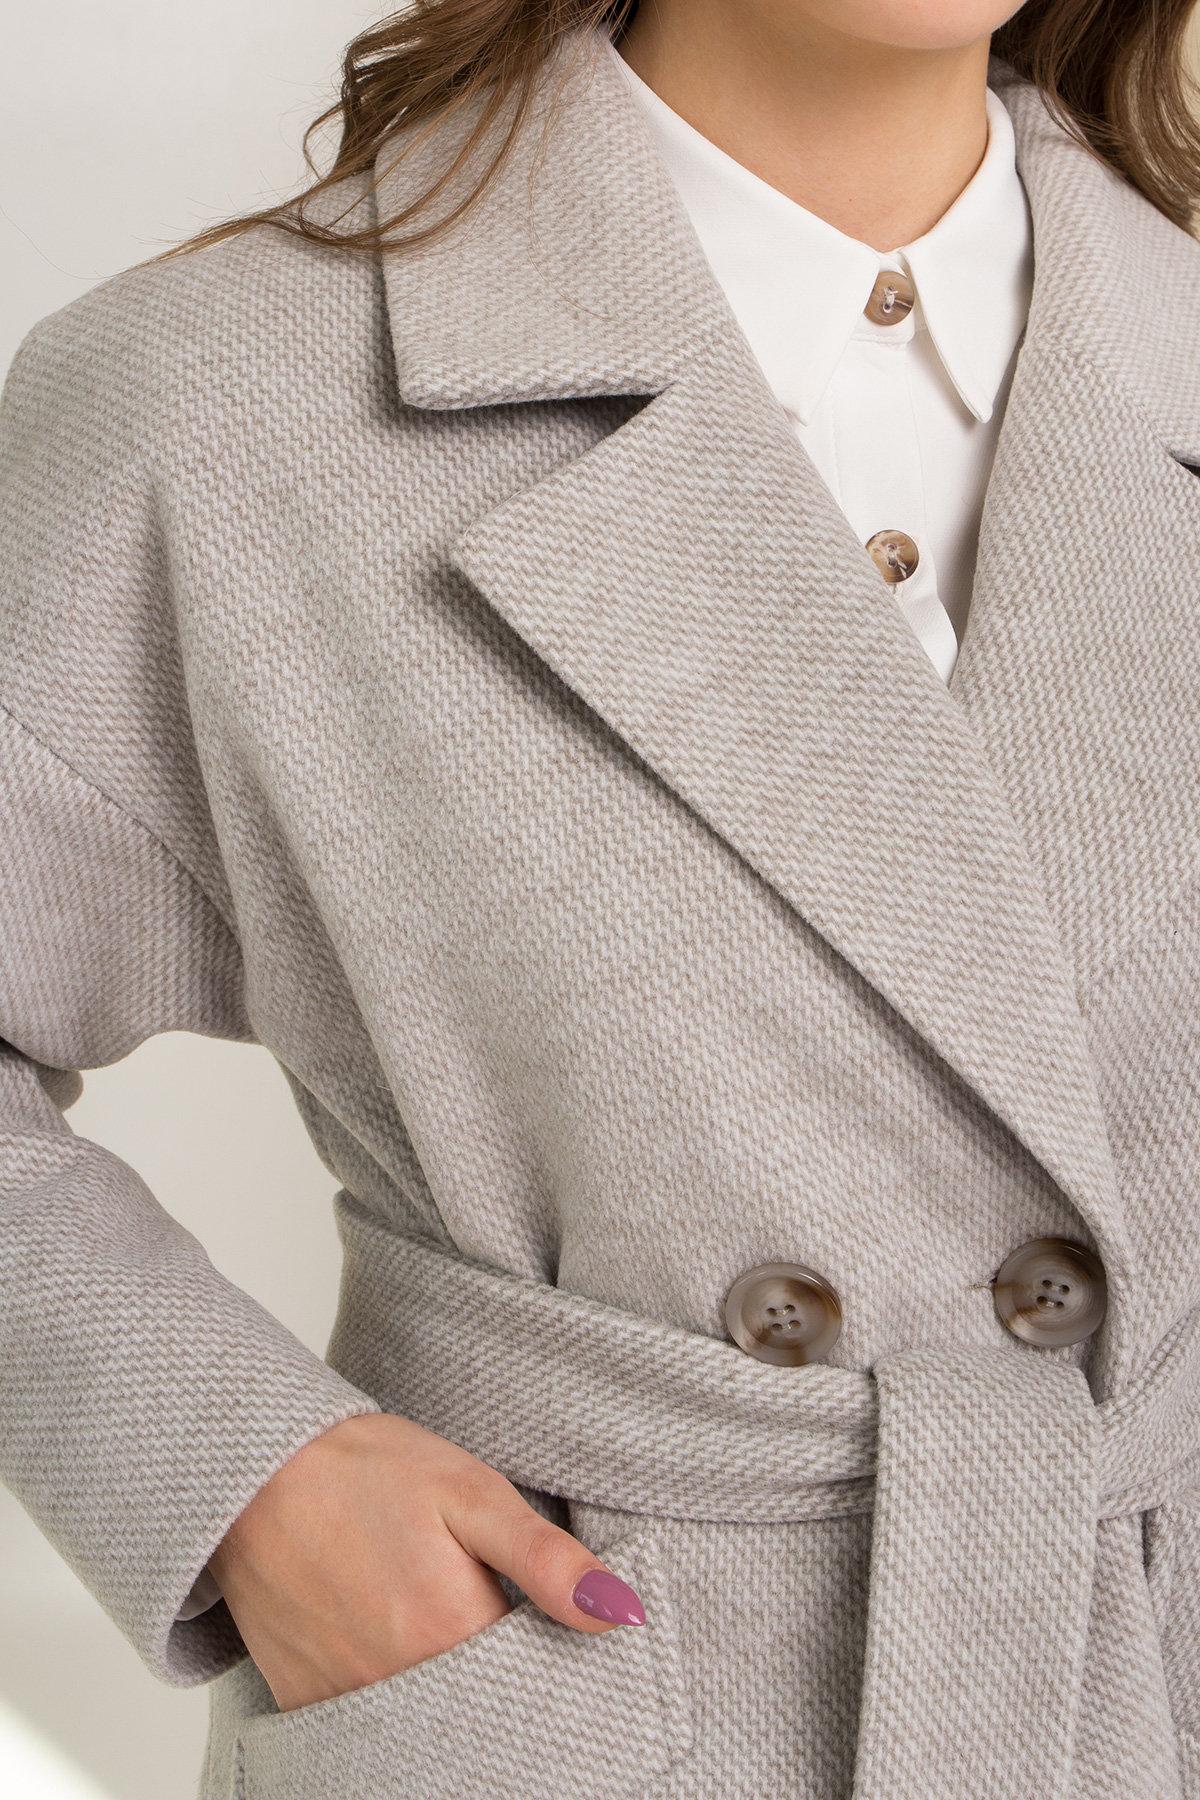 Демисезонное двубортное пальто Сенсей 8845 АРТ. 45218 Цвет: Олива - фото 10, интернет магазин tm-modus.ru